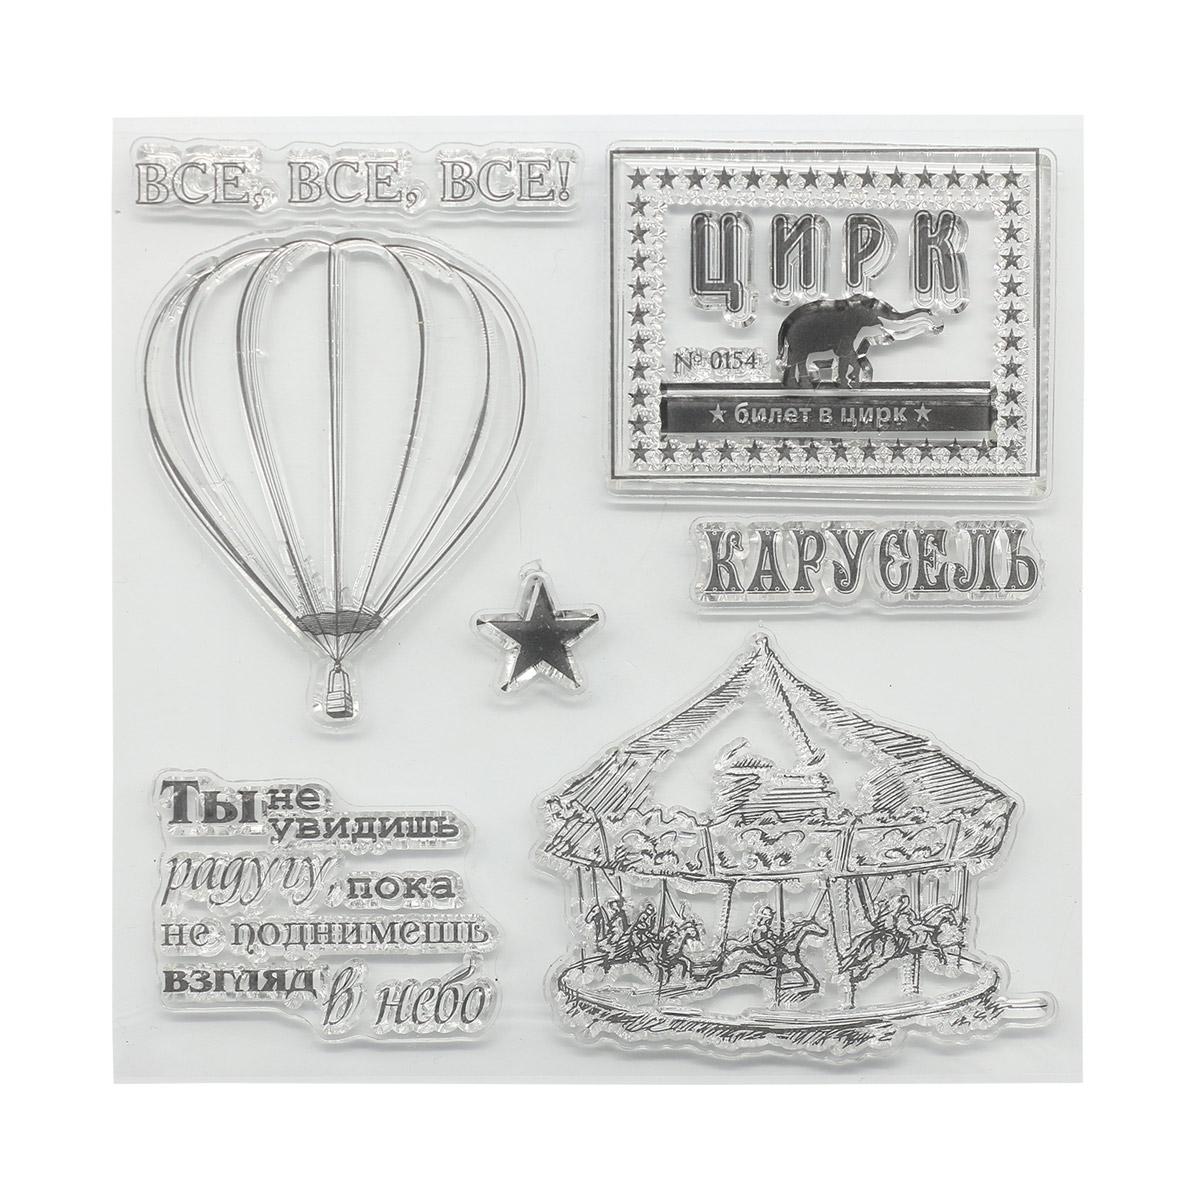 Набор штампов 10,5*10,5см Старый цирк. Карусель SCB4904022